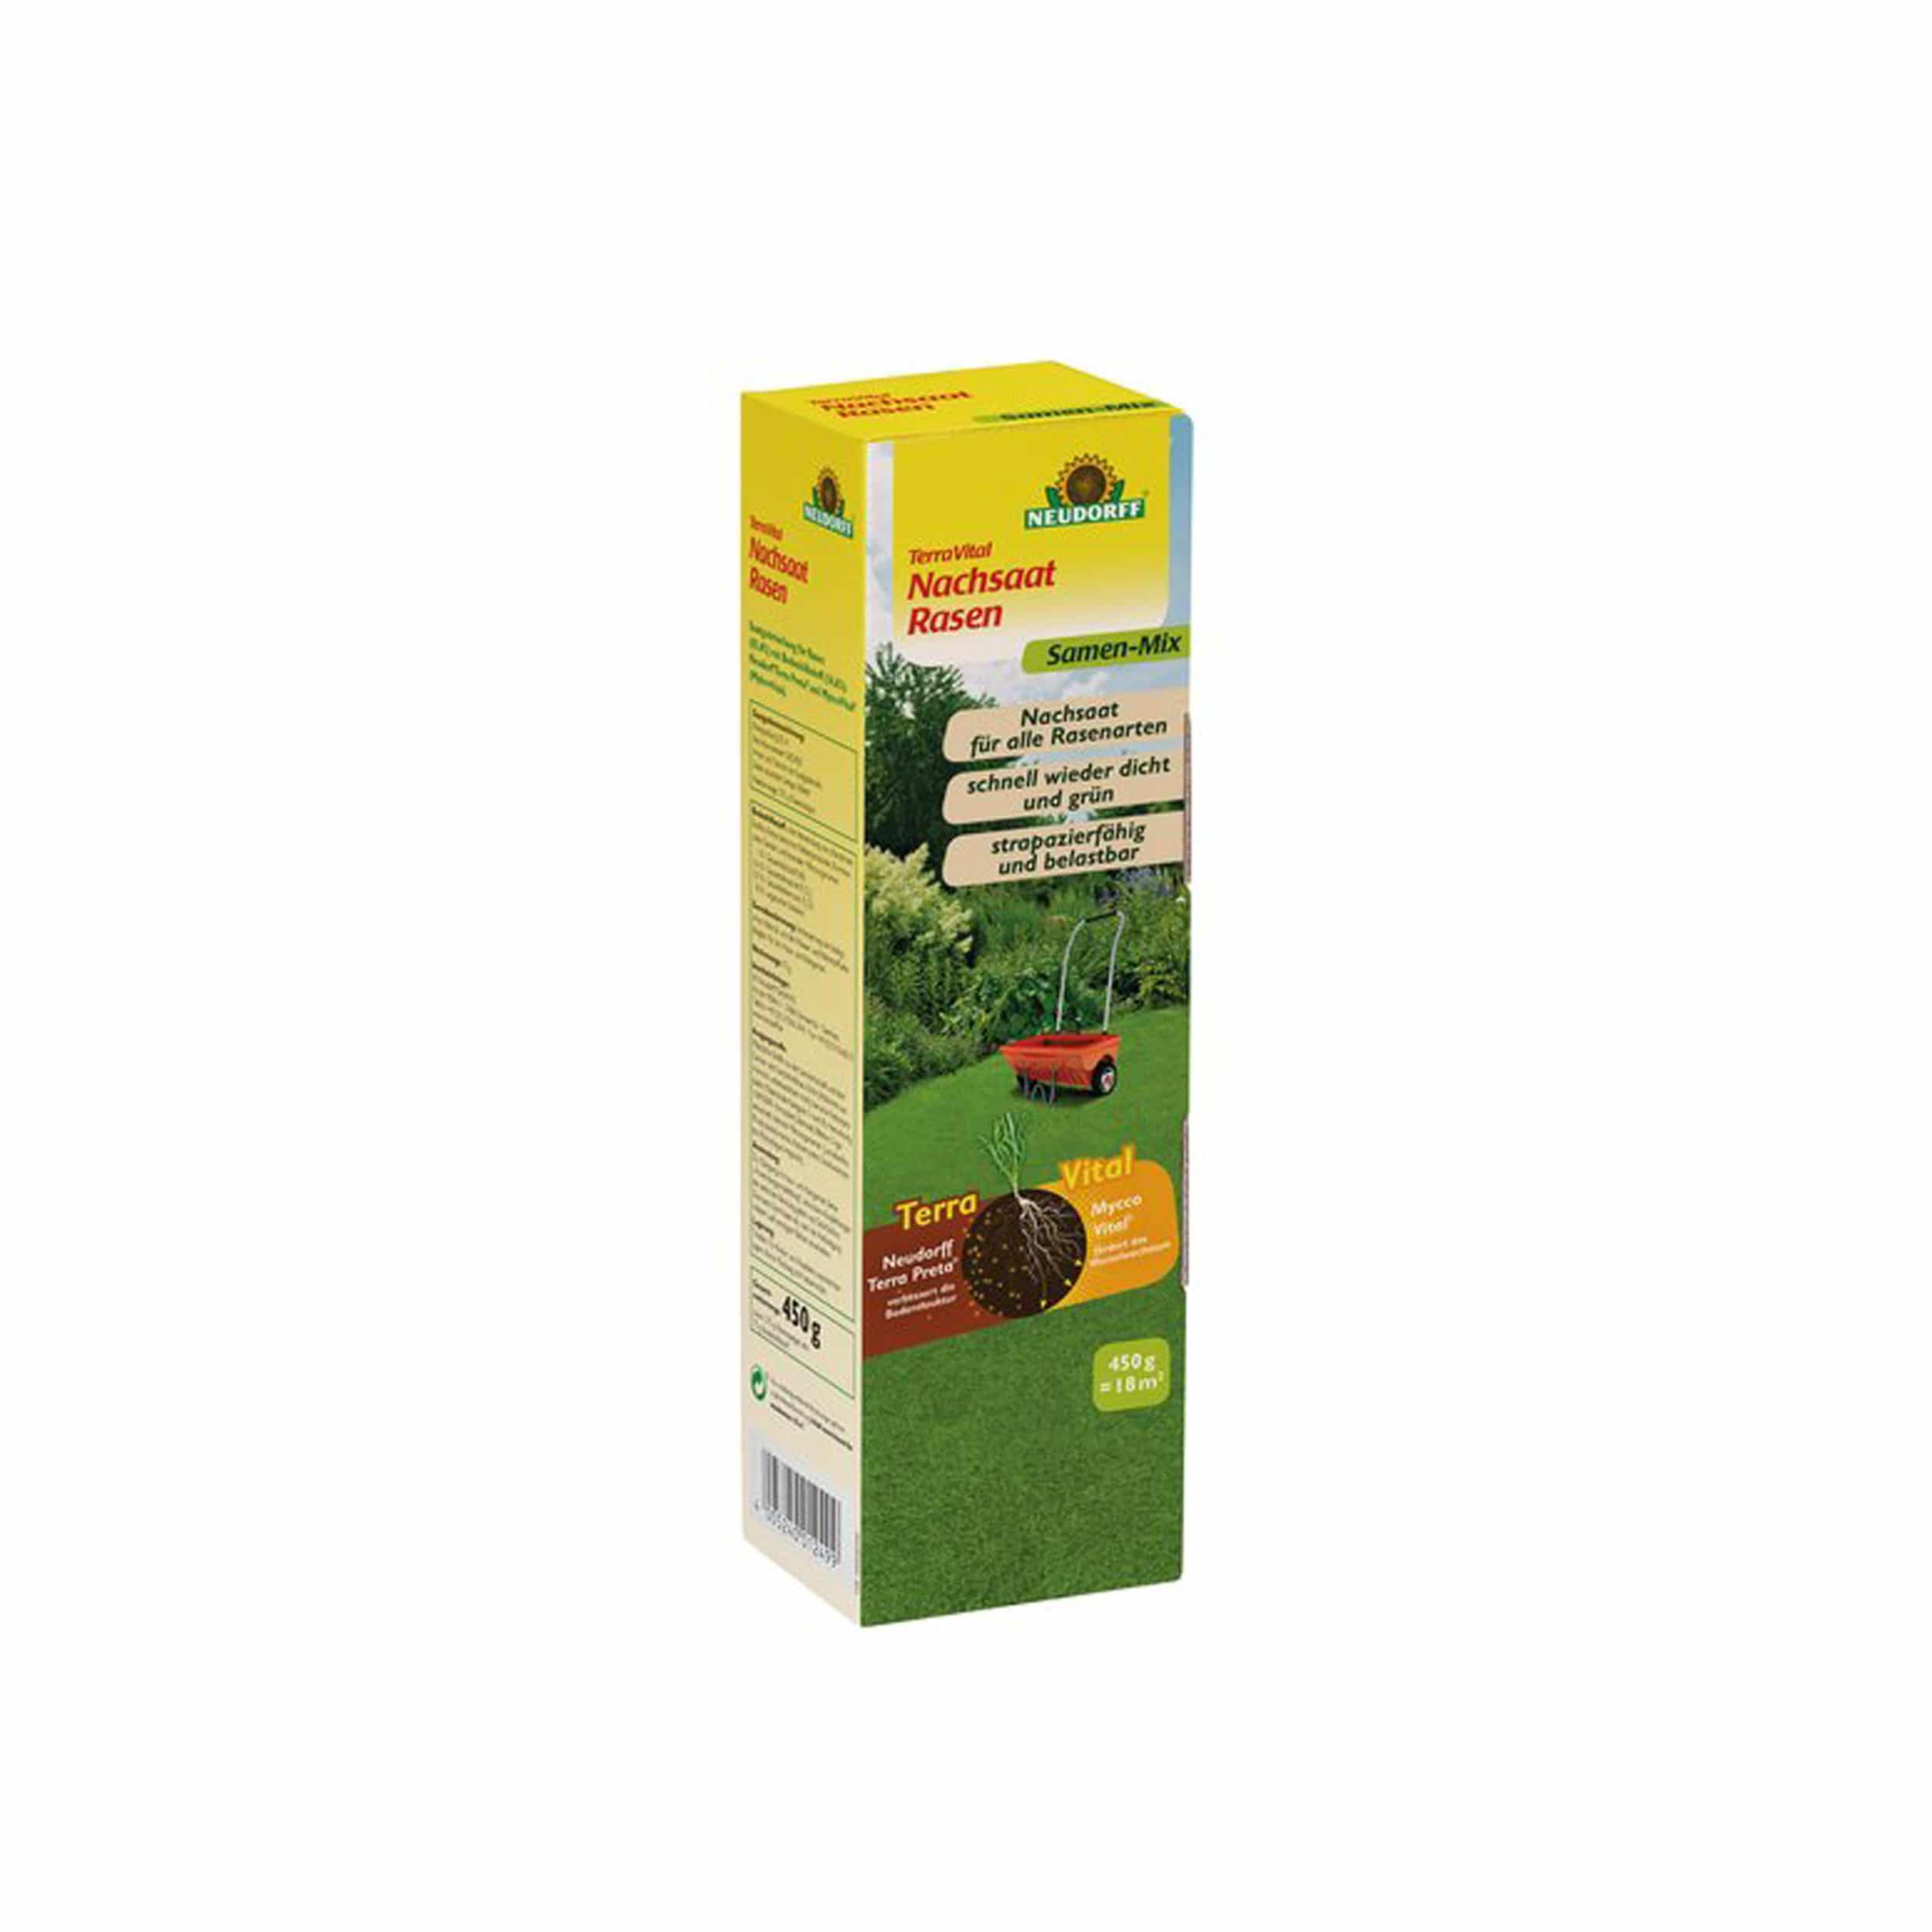 TerraVital NachsaatRasen Samen-Mix 450 g